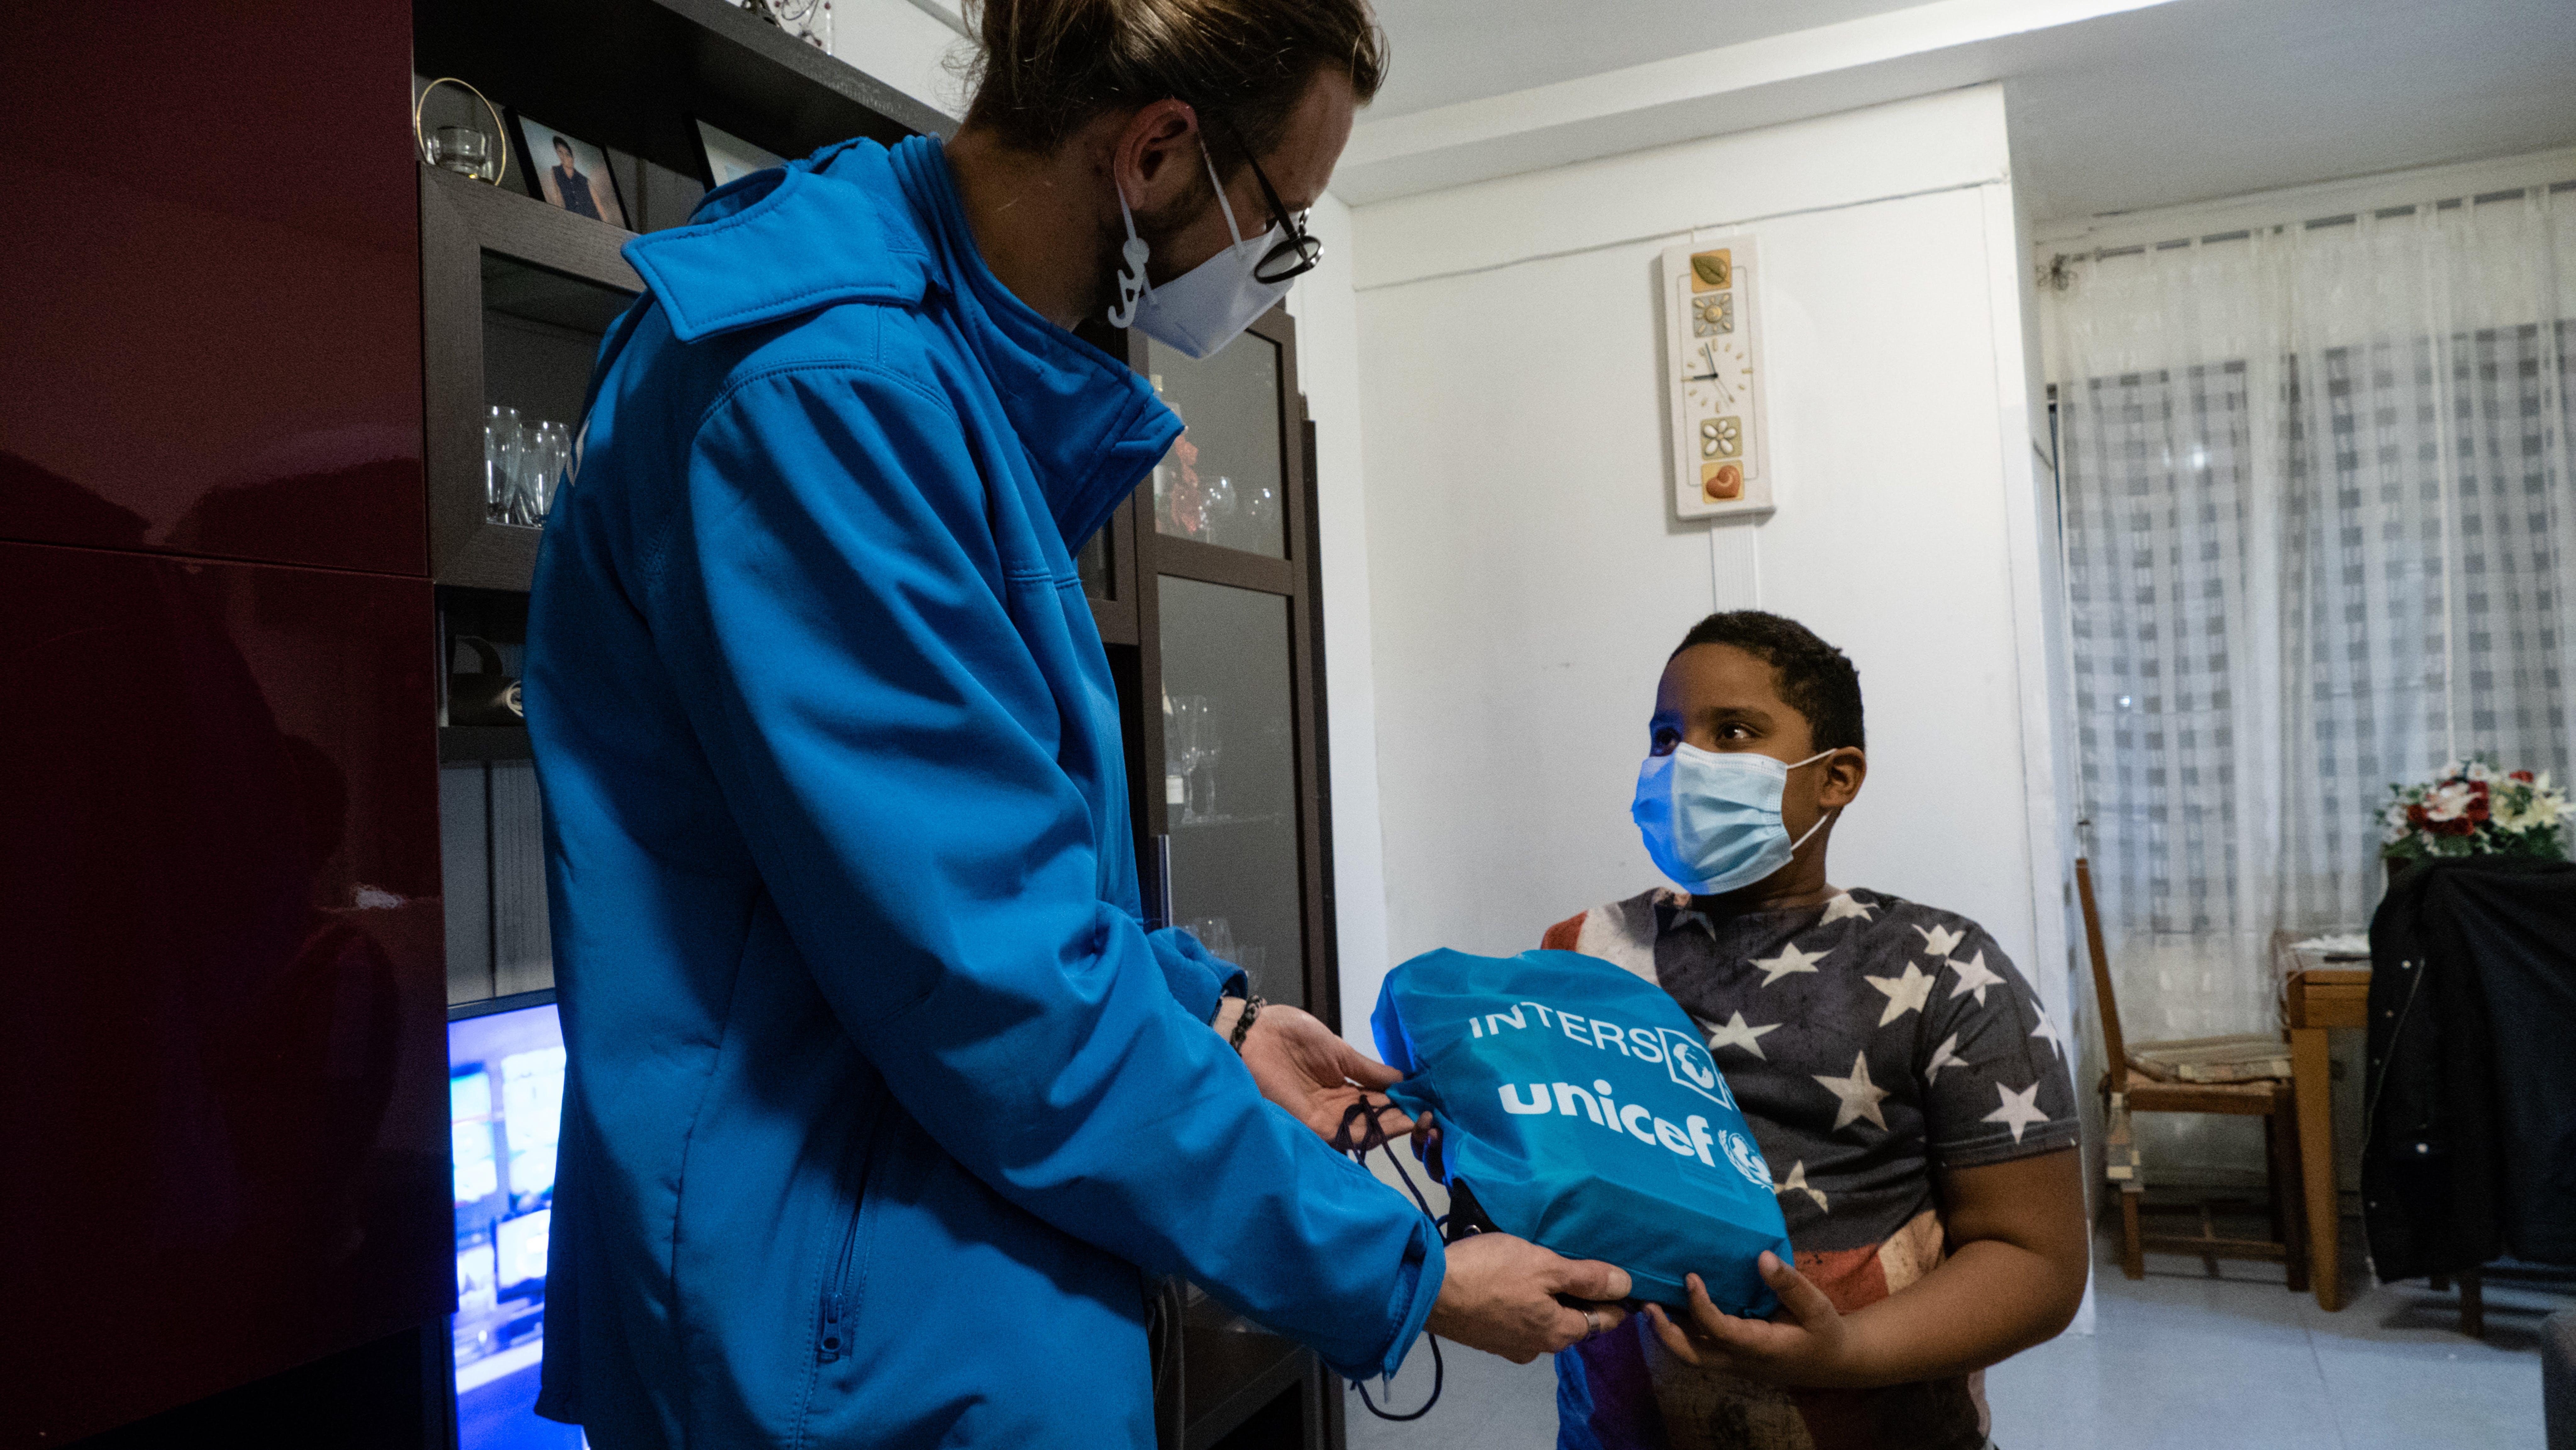 Daniel, il secondo genito, riceve il sacchetto con materiali preparati da UNICEF-Intersos